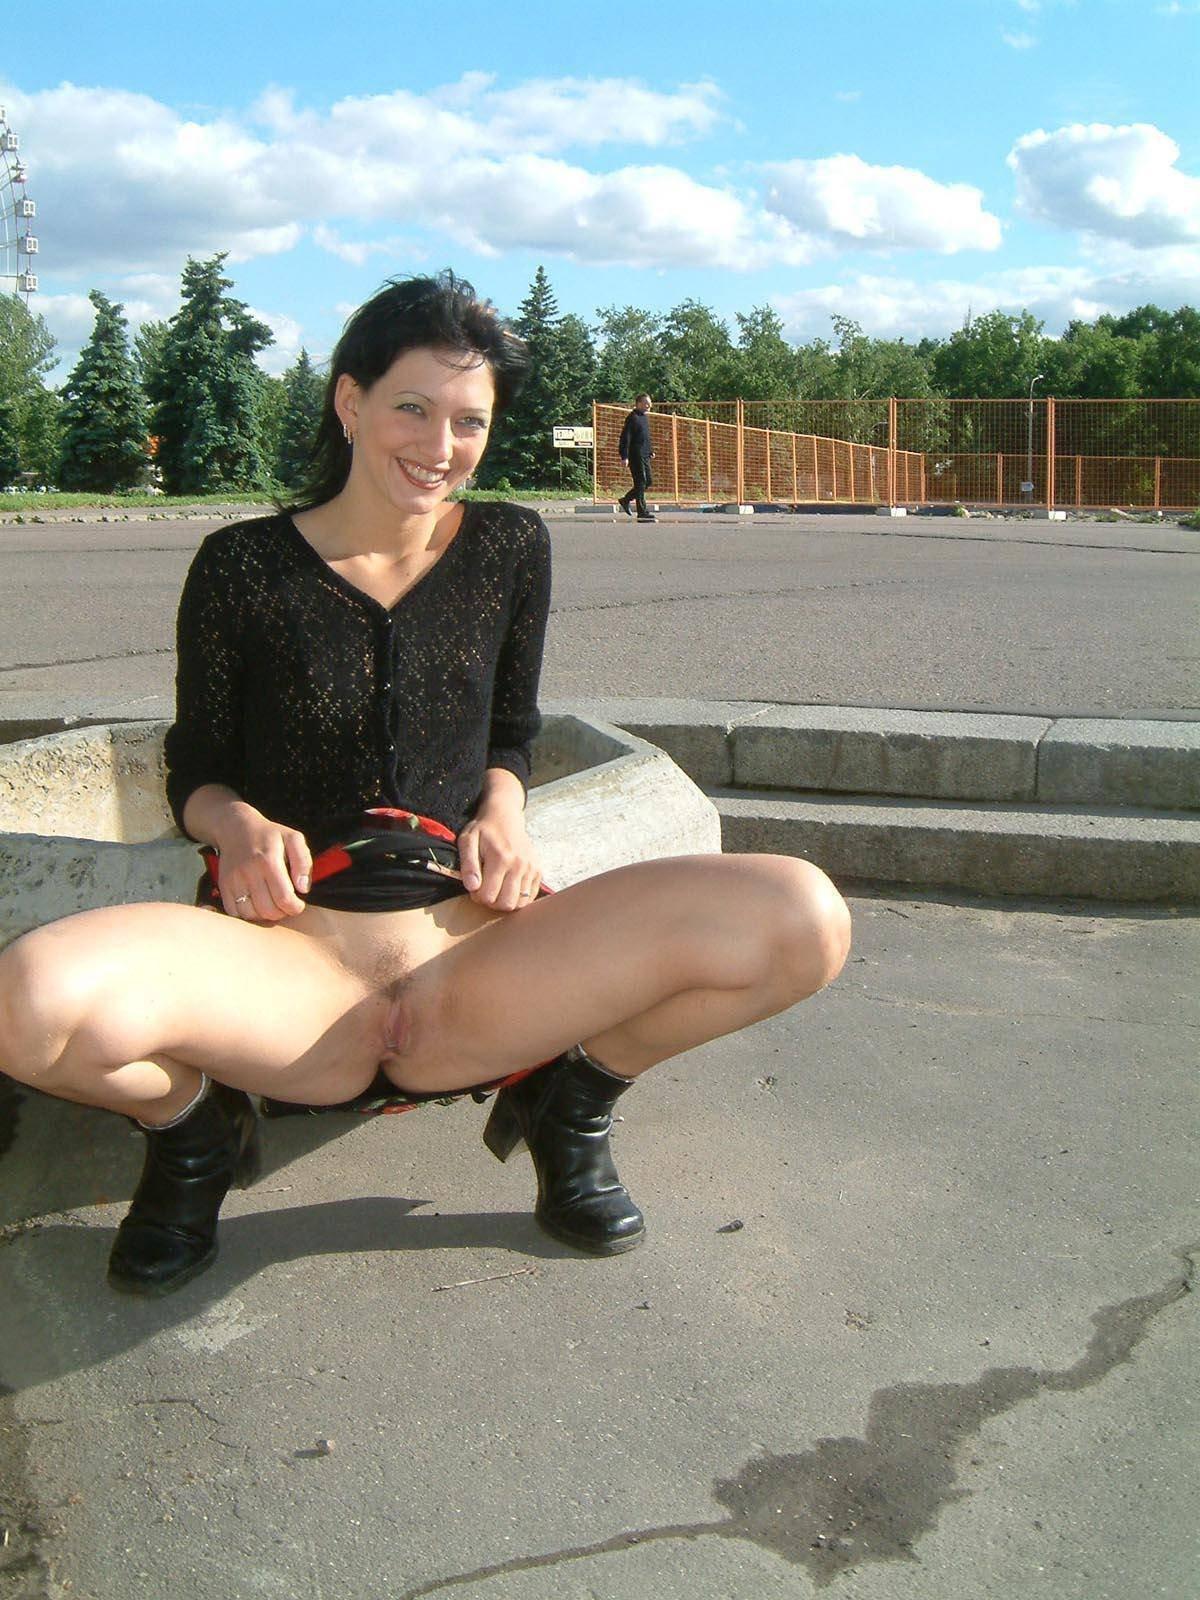 В парке сидела женщина с раздвинутыми ногами без трусов, попа порно фото в масле